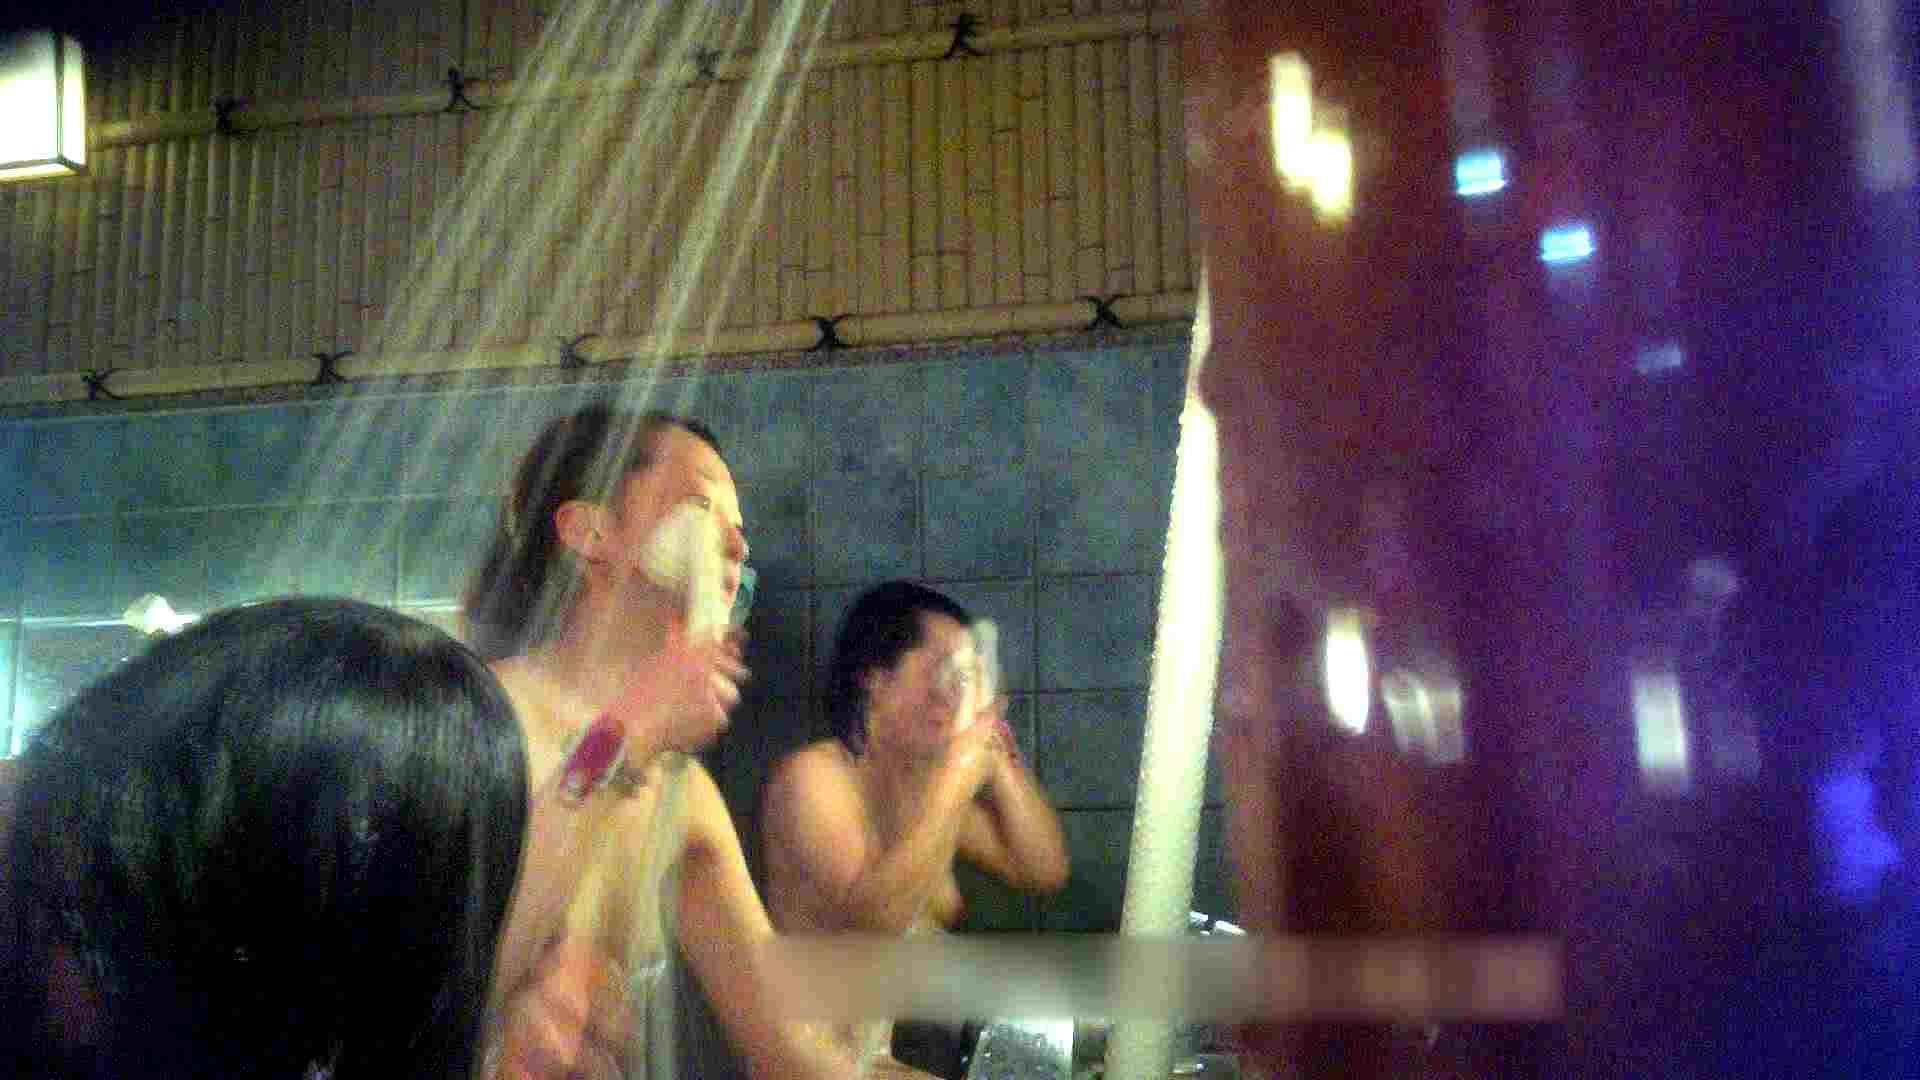 TG.12 【上等兵】いやぁ若い!ぷっちぷちギャル!でも時間短い・・・ 女風呂 おめこ無修正画像 106枚 53